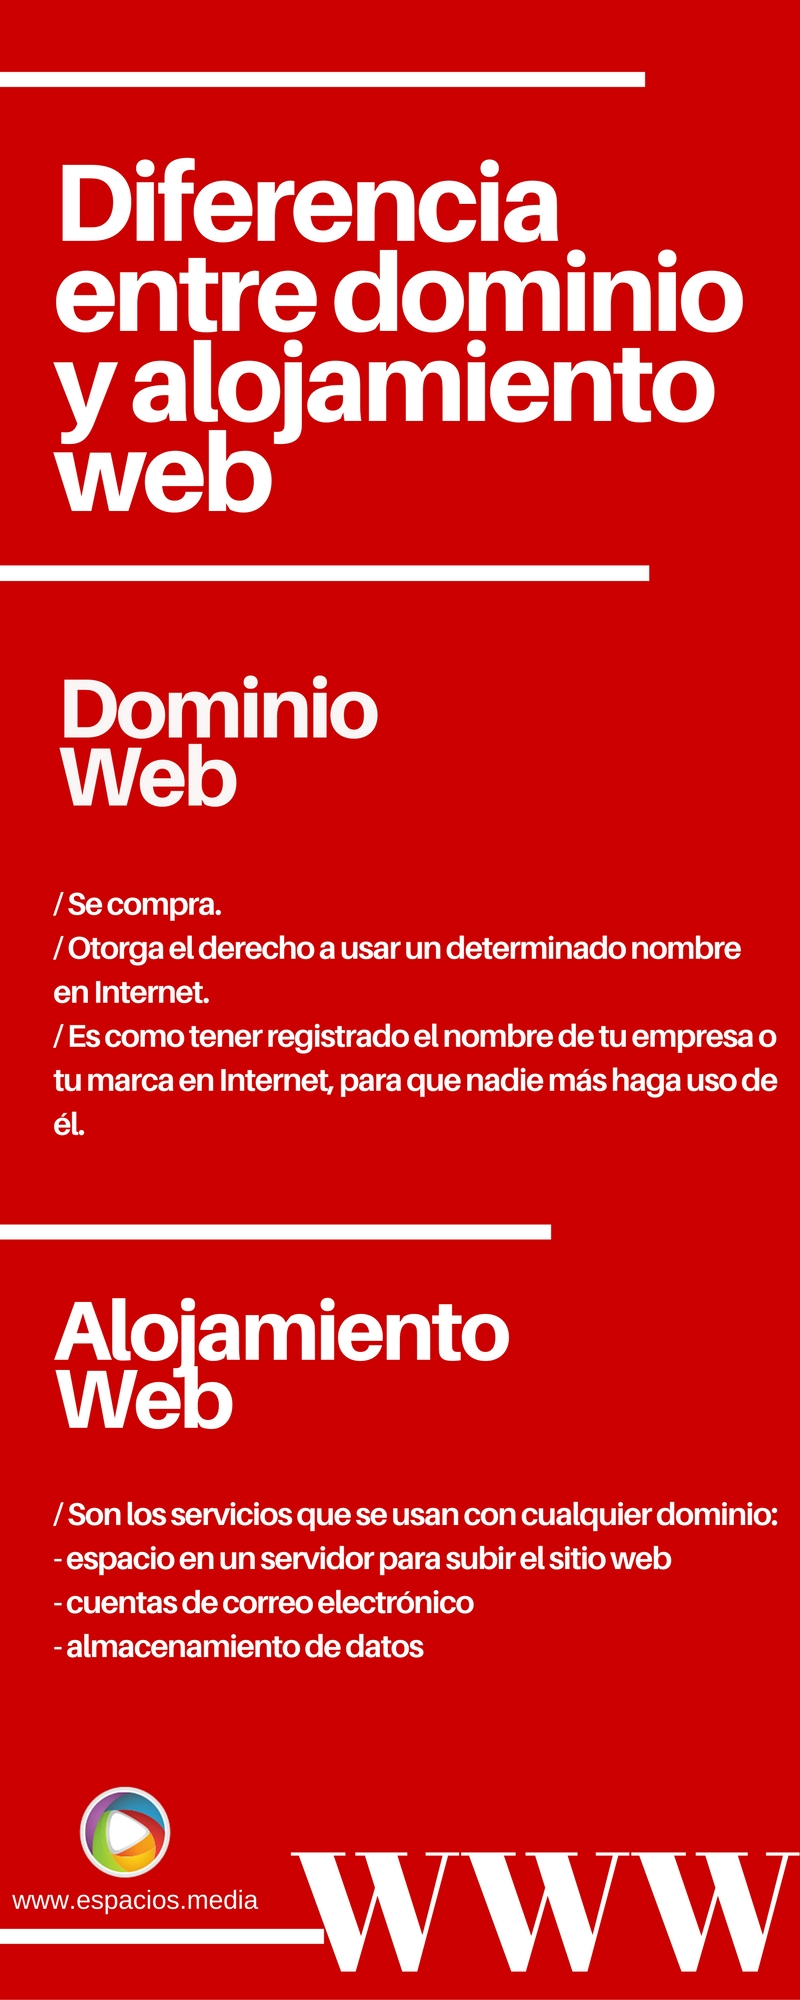 diferencia-entre-dominio-web-y-alojamiento-web